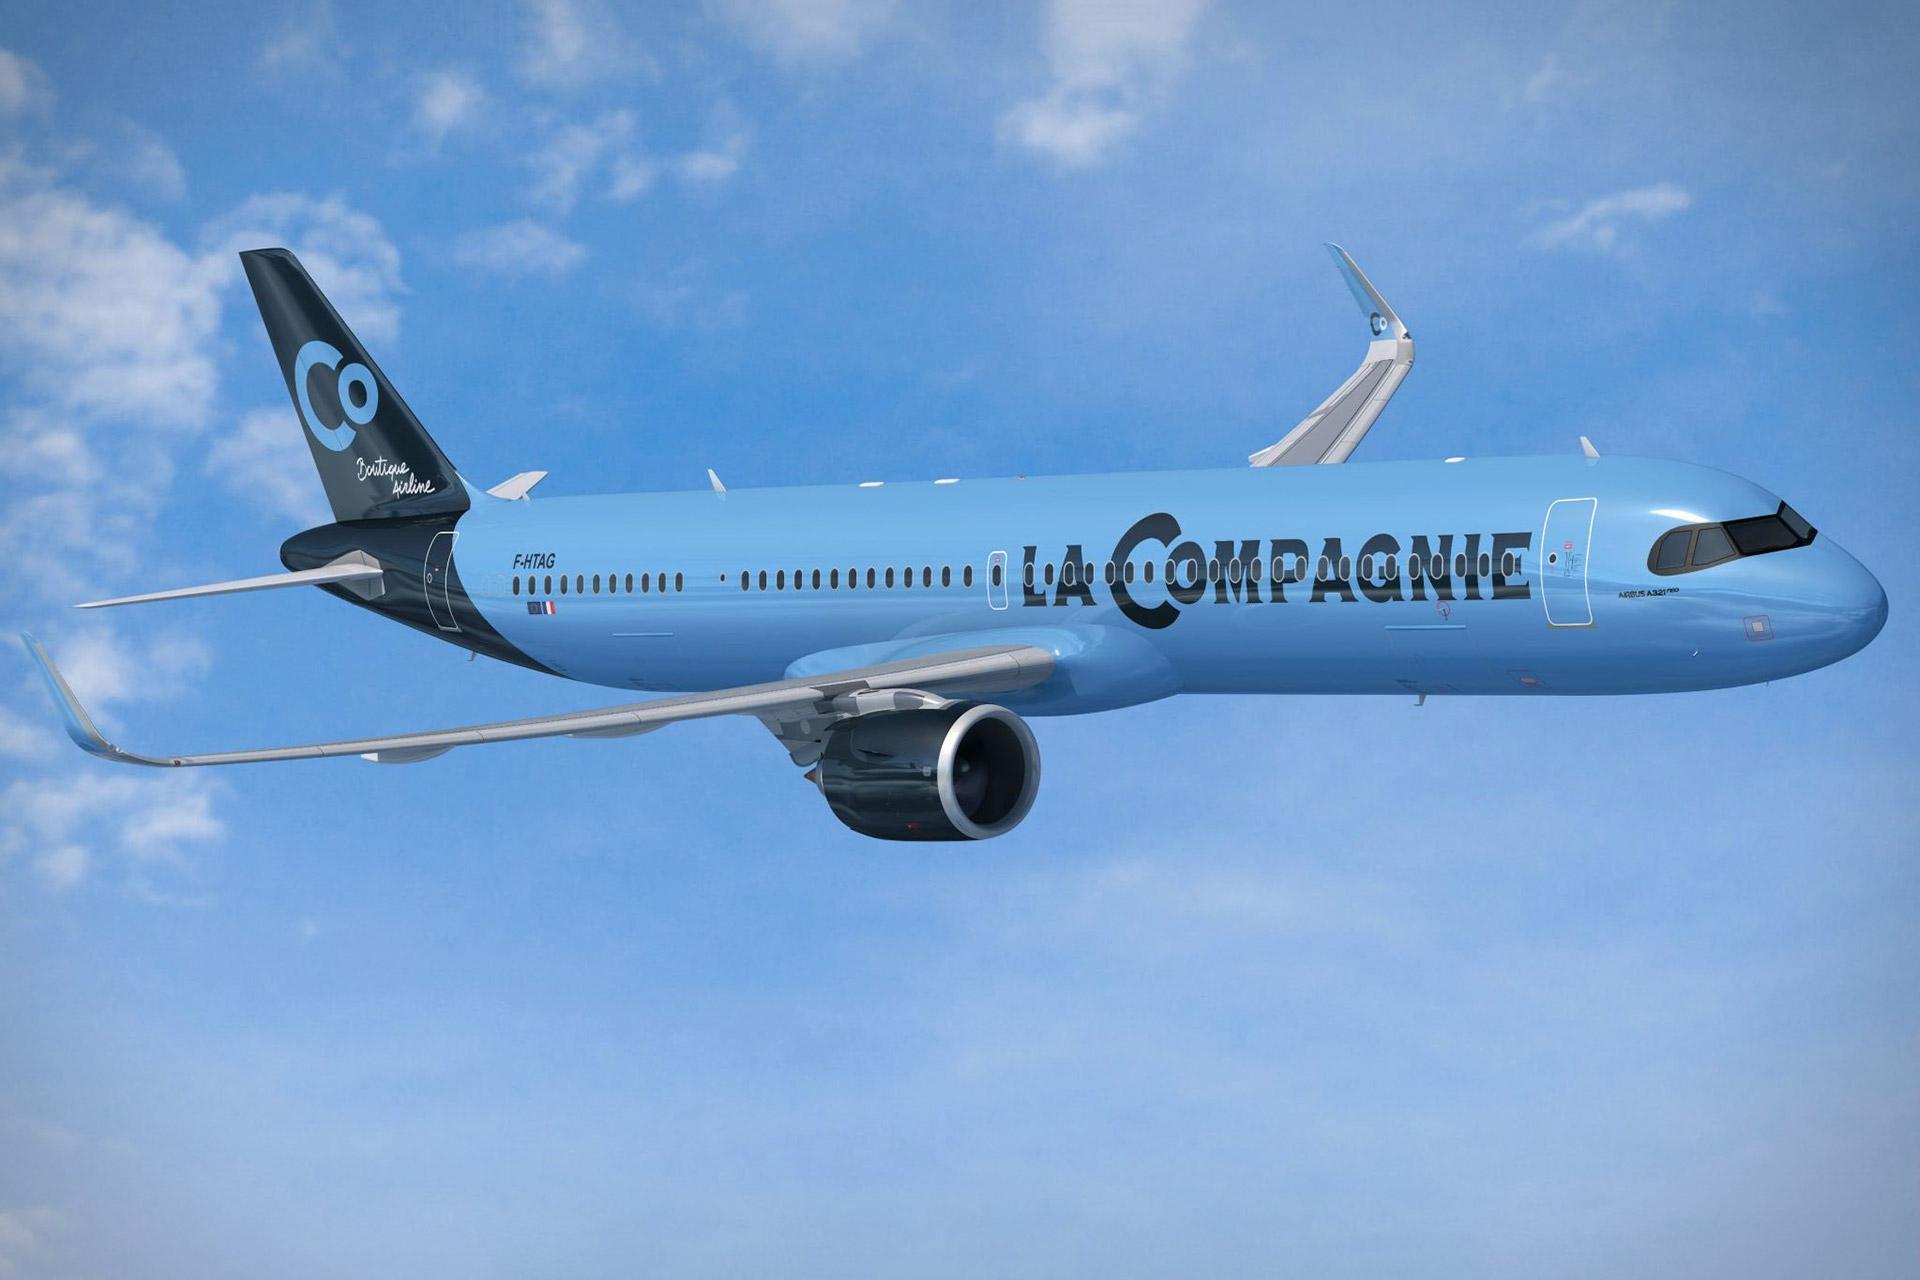 La Compagnie Executive Airline